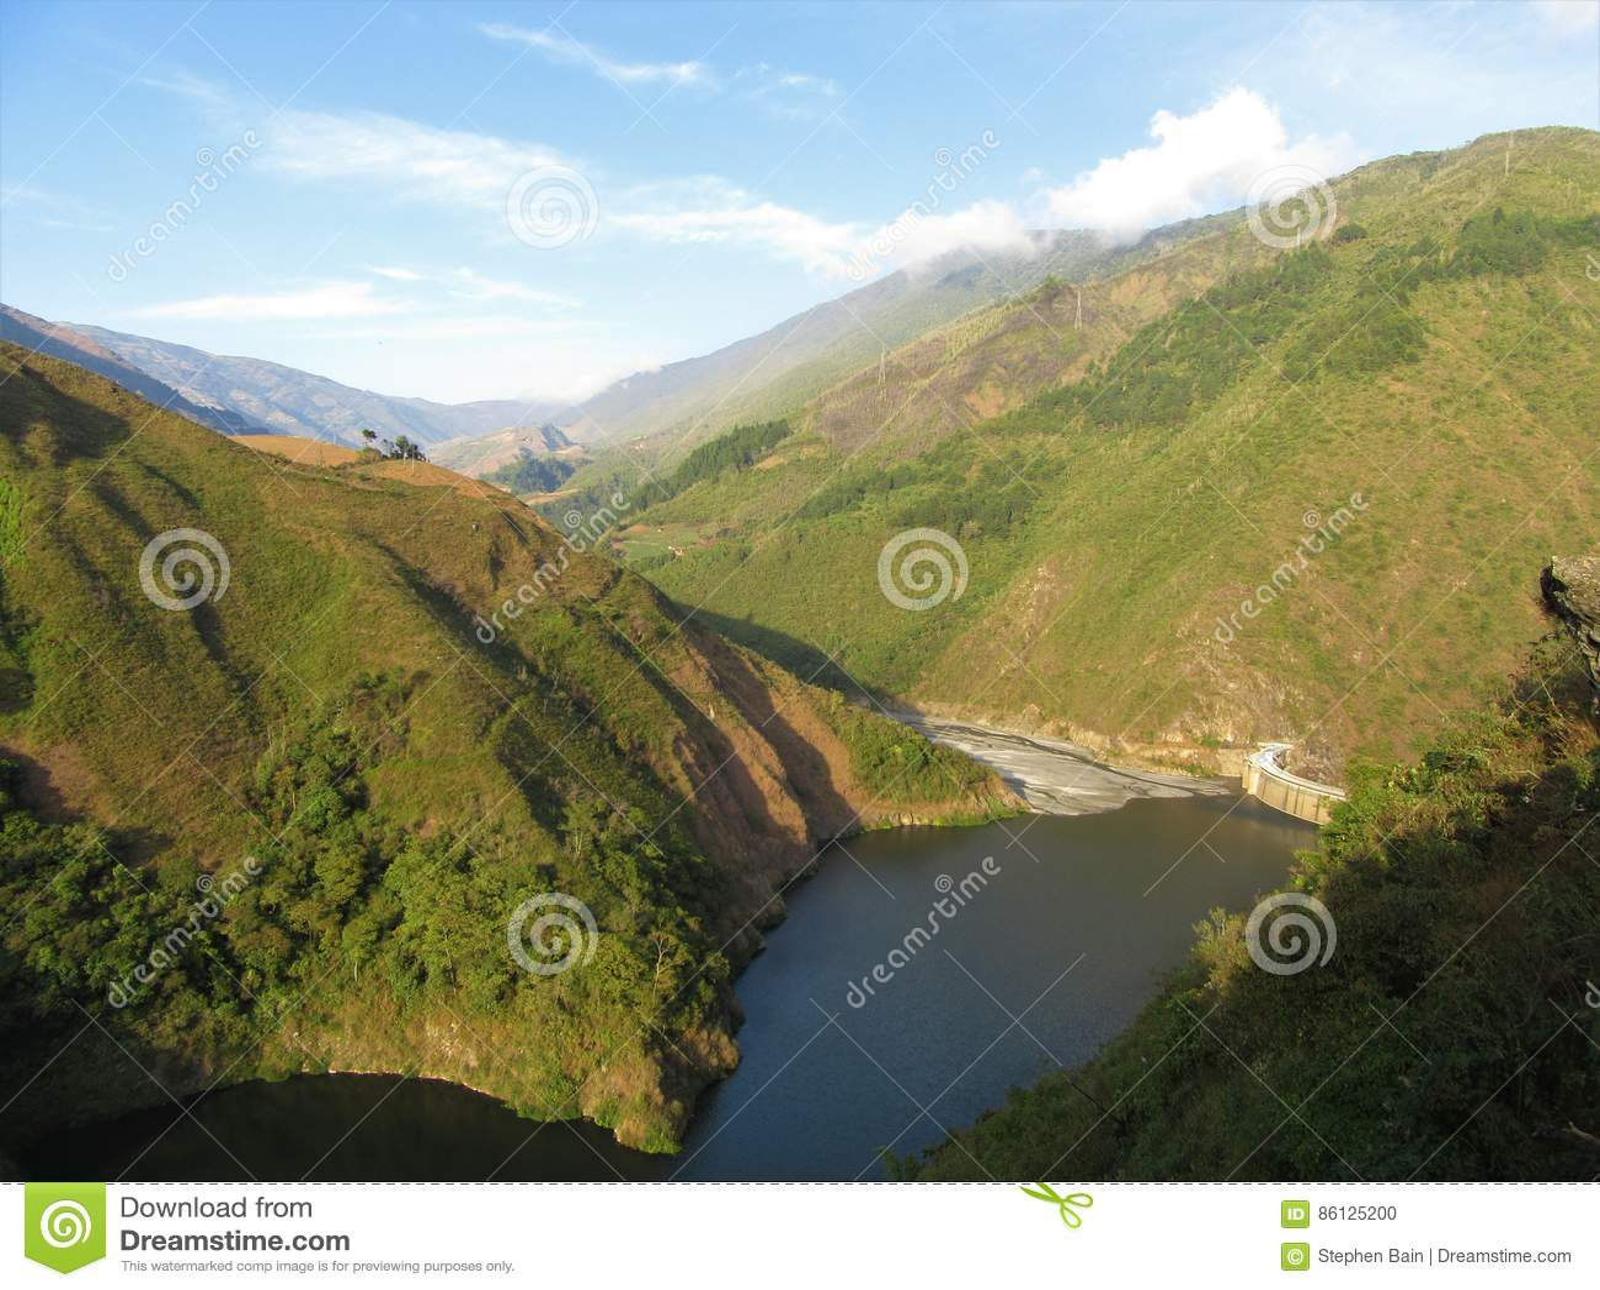 Φράγμα και δεξαμενή στον ποταμό Santo Domingo στα βουνά των Άνδεων της Βενεζουέλας